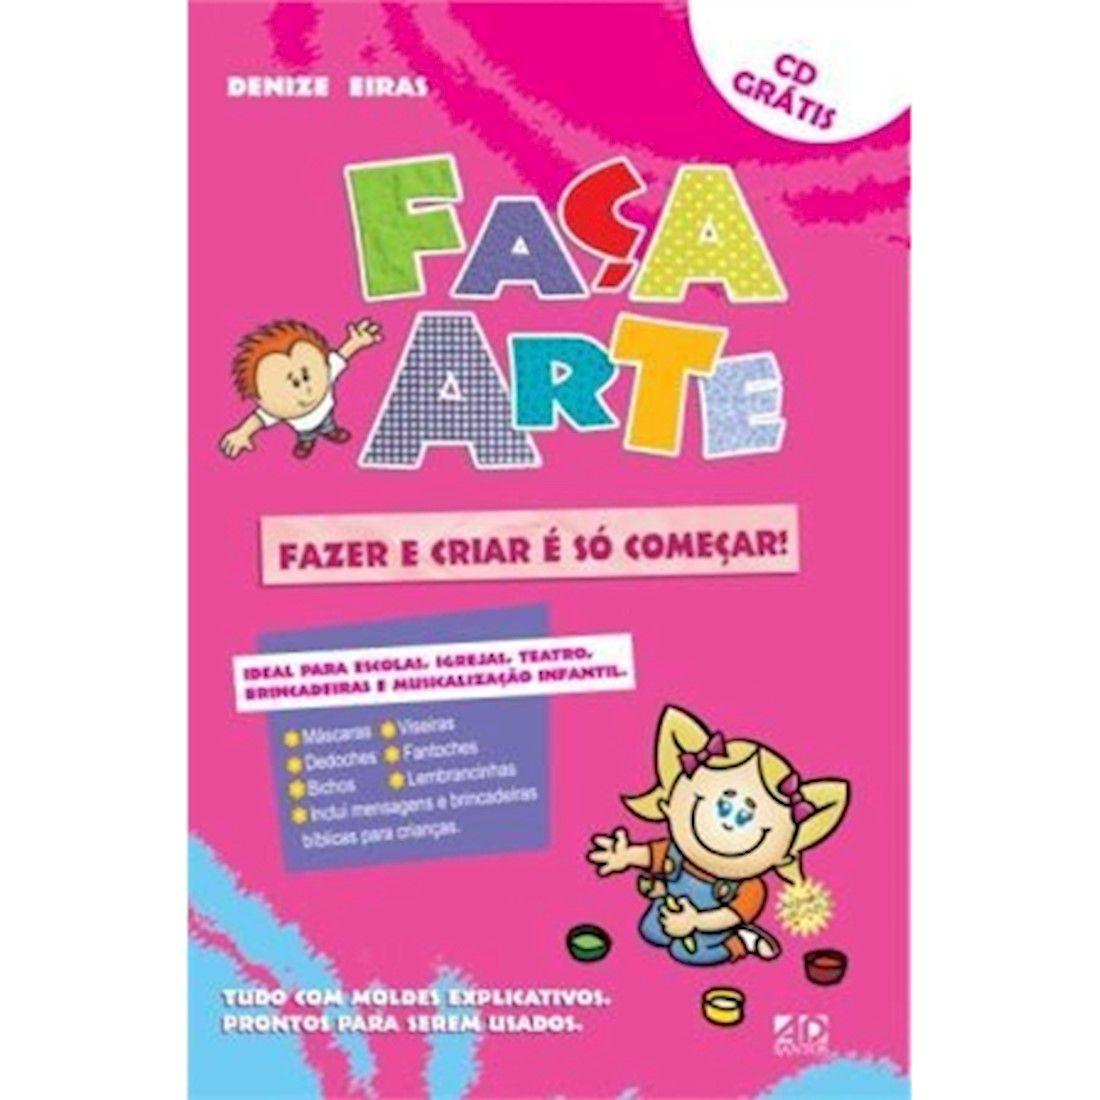 Livro Faça Arte! Fazer e Criar e Só Começar + CD Grátis